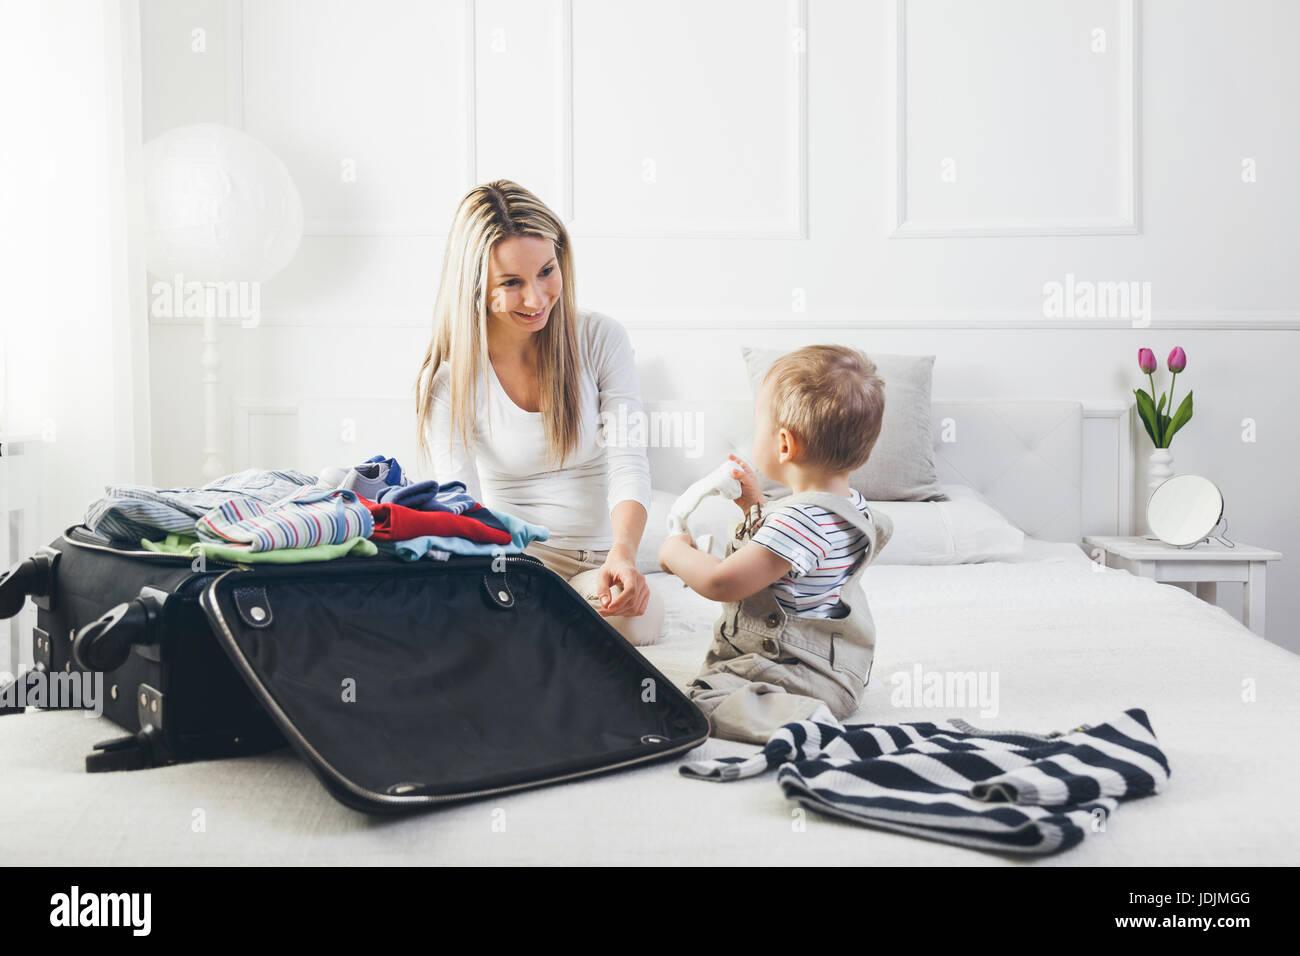 Voyagez avec des enfants. Mère heureuse avec son enfant vêtements d'emballage pour les vacances Photo Stock